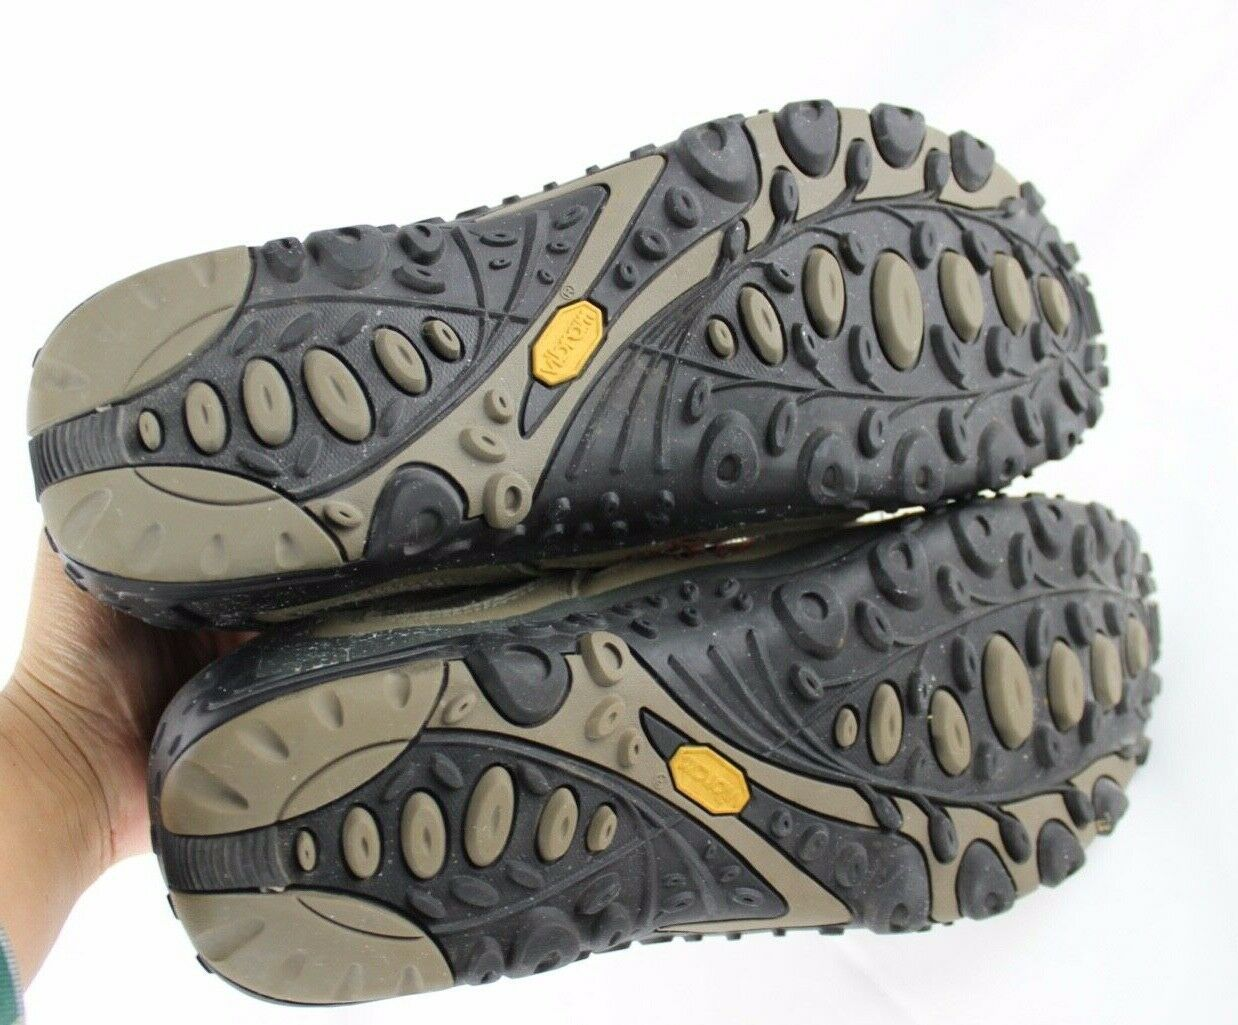 Merrell Femmes Chaussures Caméléon Arc mi Ventilation de Randonnée Taille Us 10